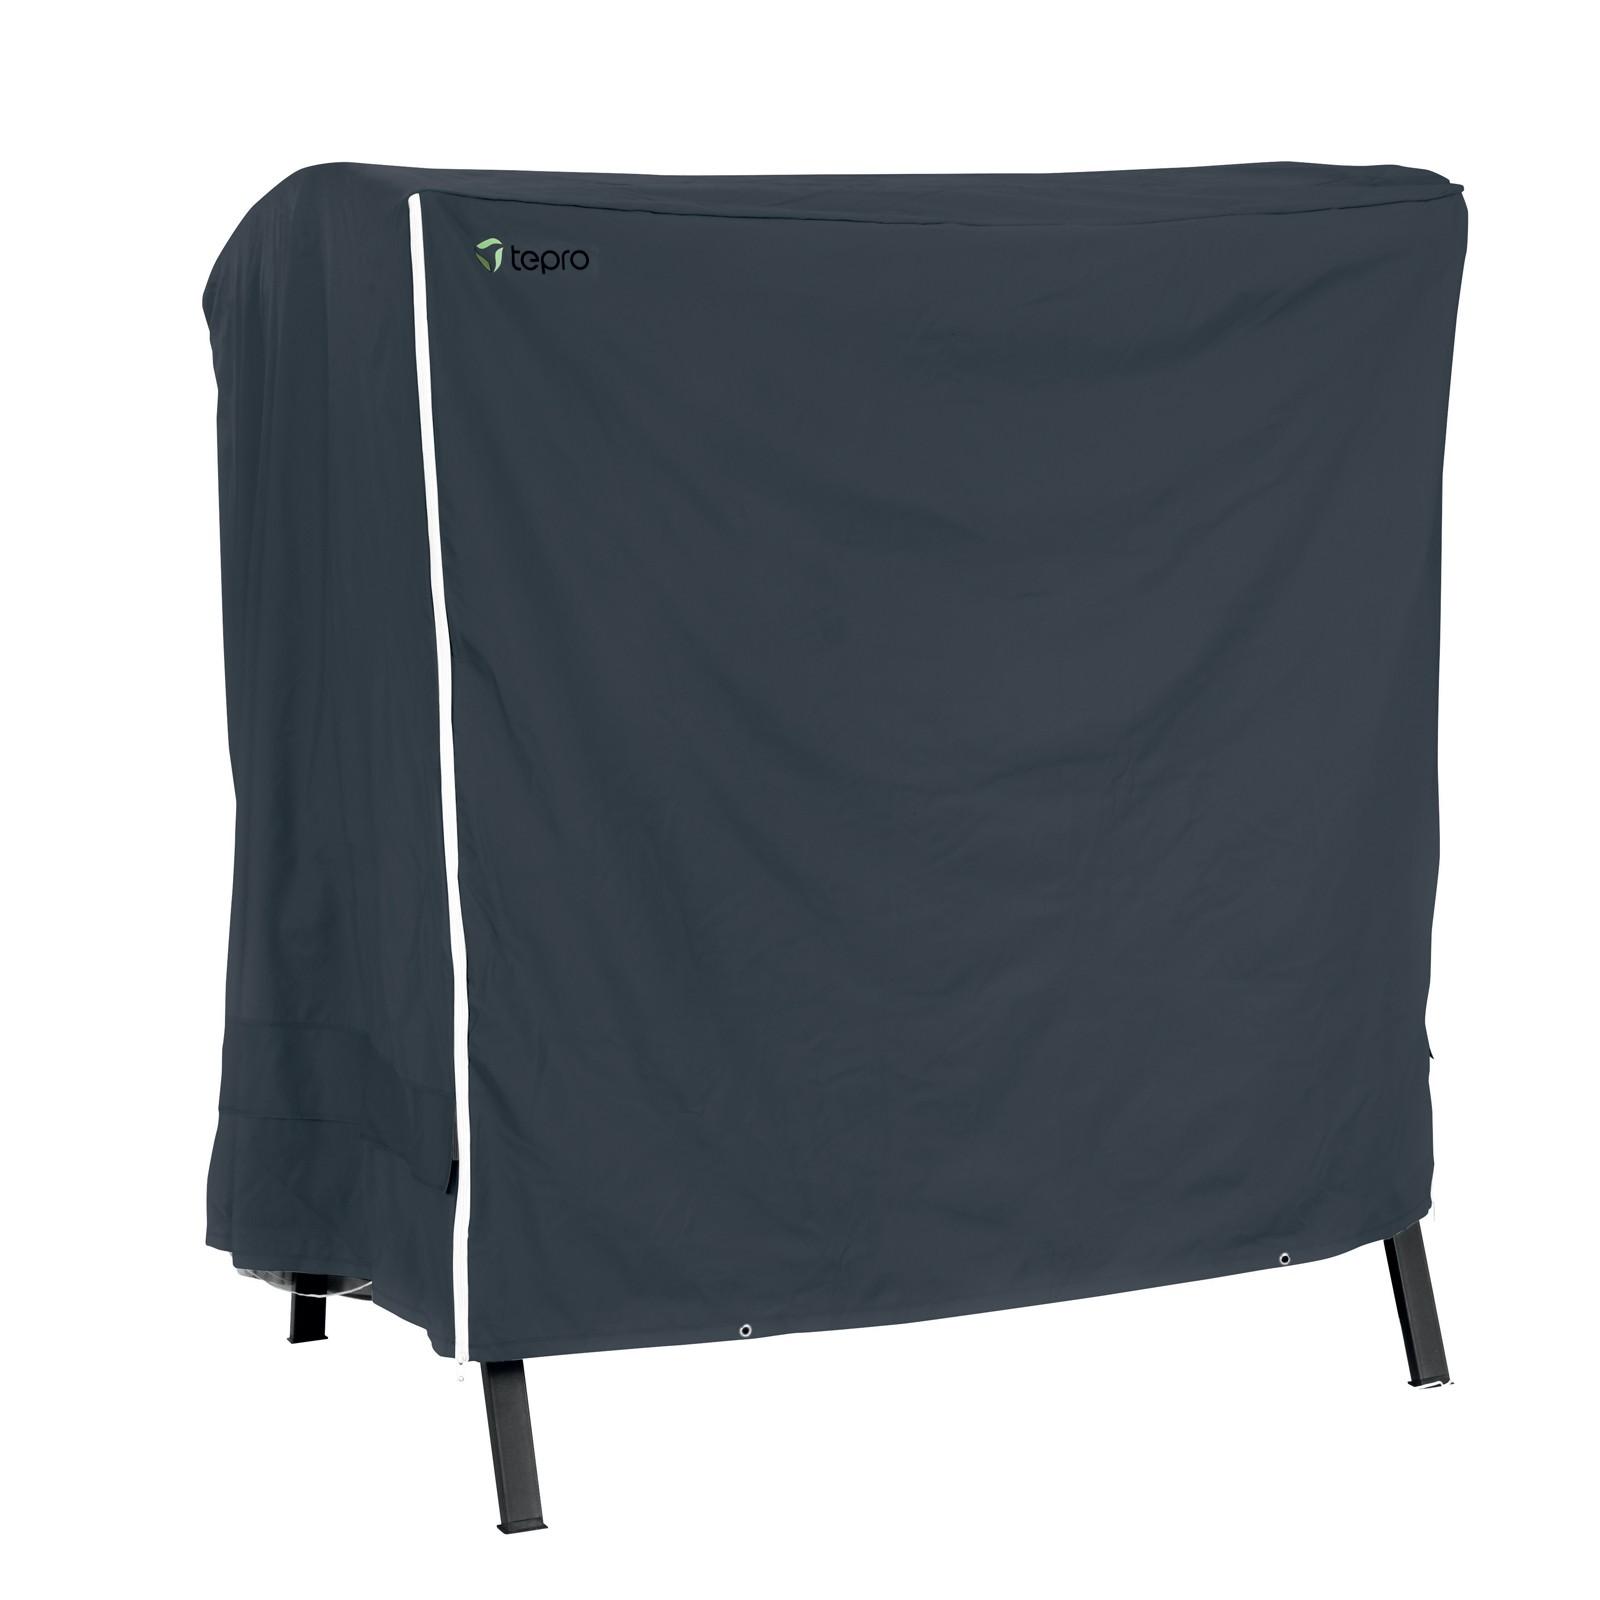 tepro schutzh lle abdeckhaube abdeckung wetterschutz f r gartenschaukel 2 sitzer ebay. Black Bedroom Furniture Sets. Home Design Ideas